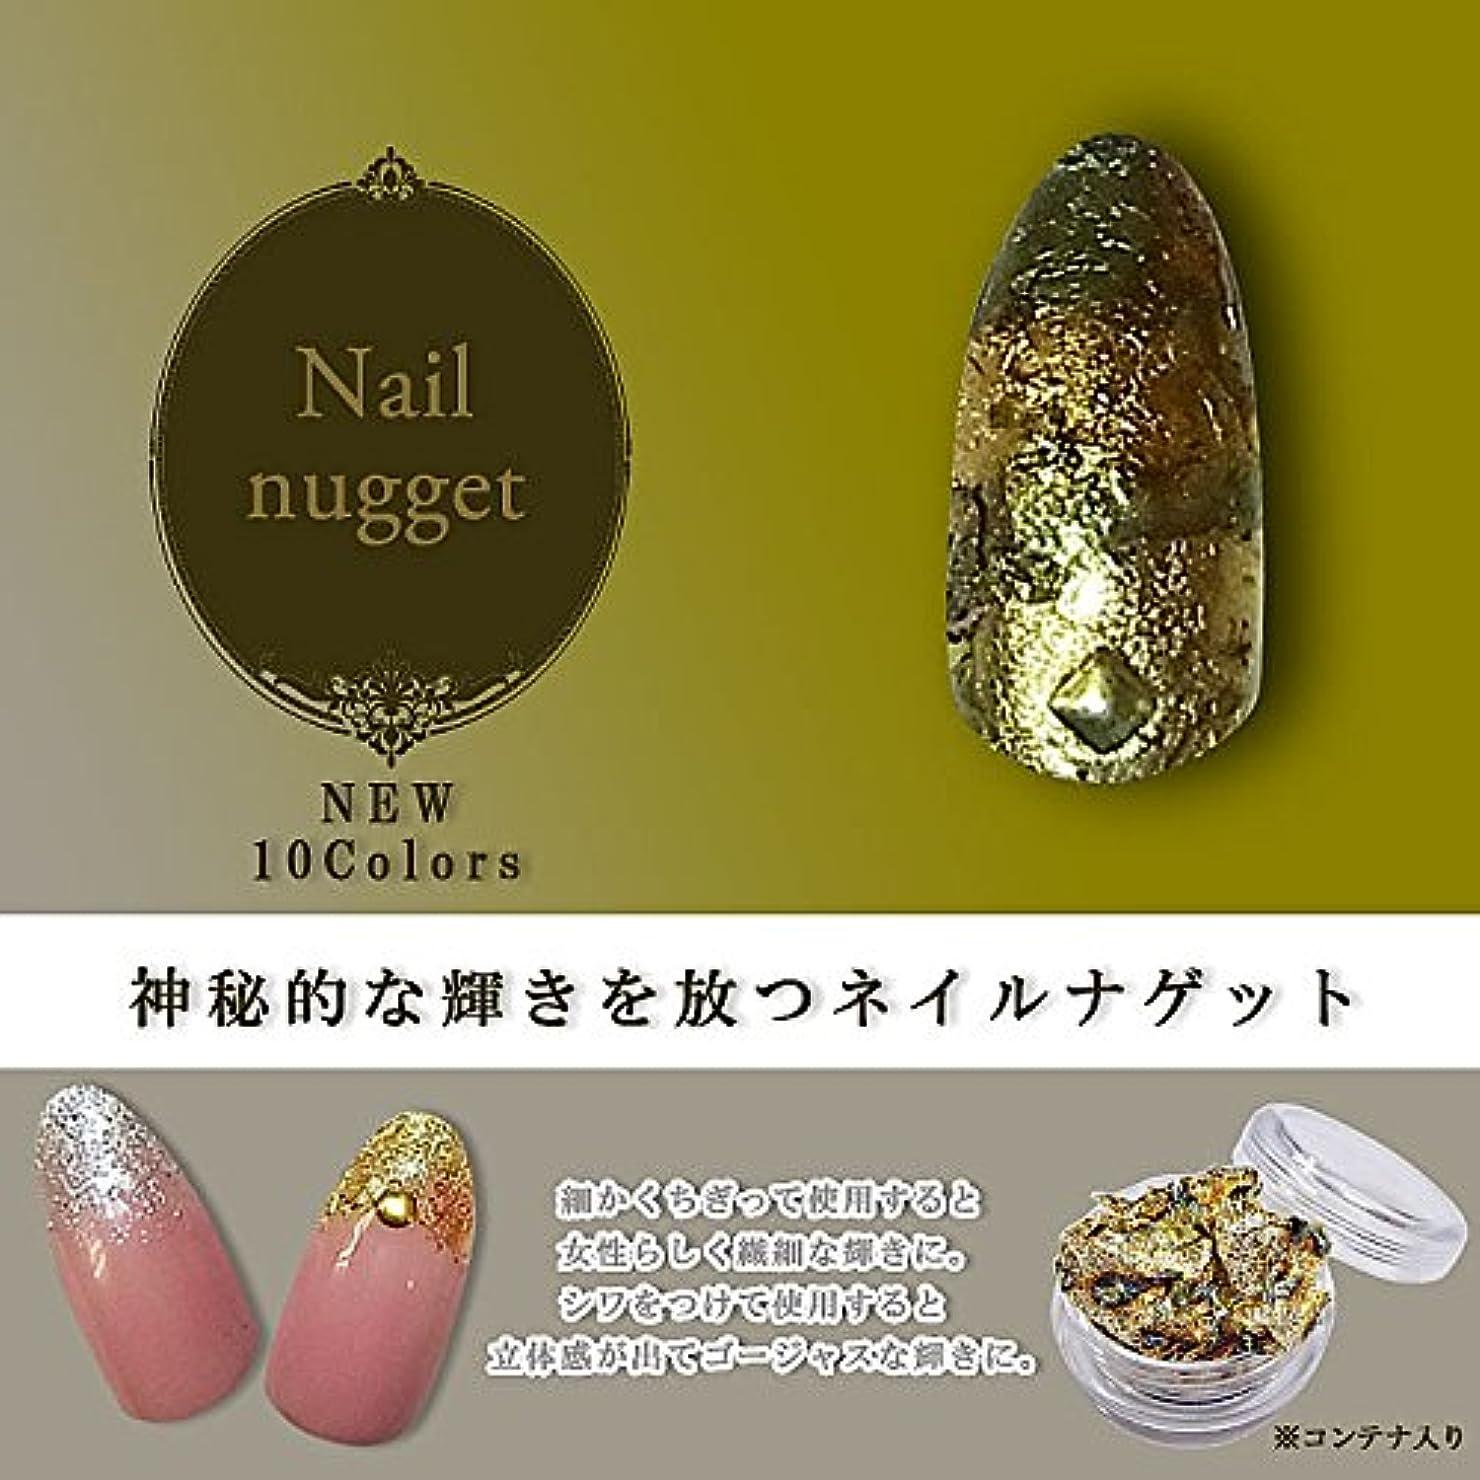 ネイルナゲット(ネイルホイル) 金箔 銀箔 選べる全10色 (#01)